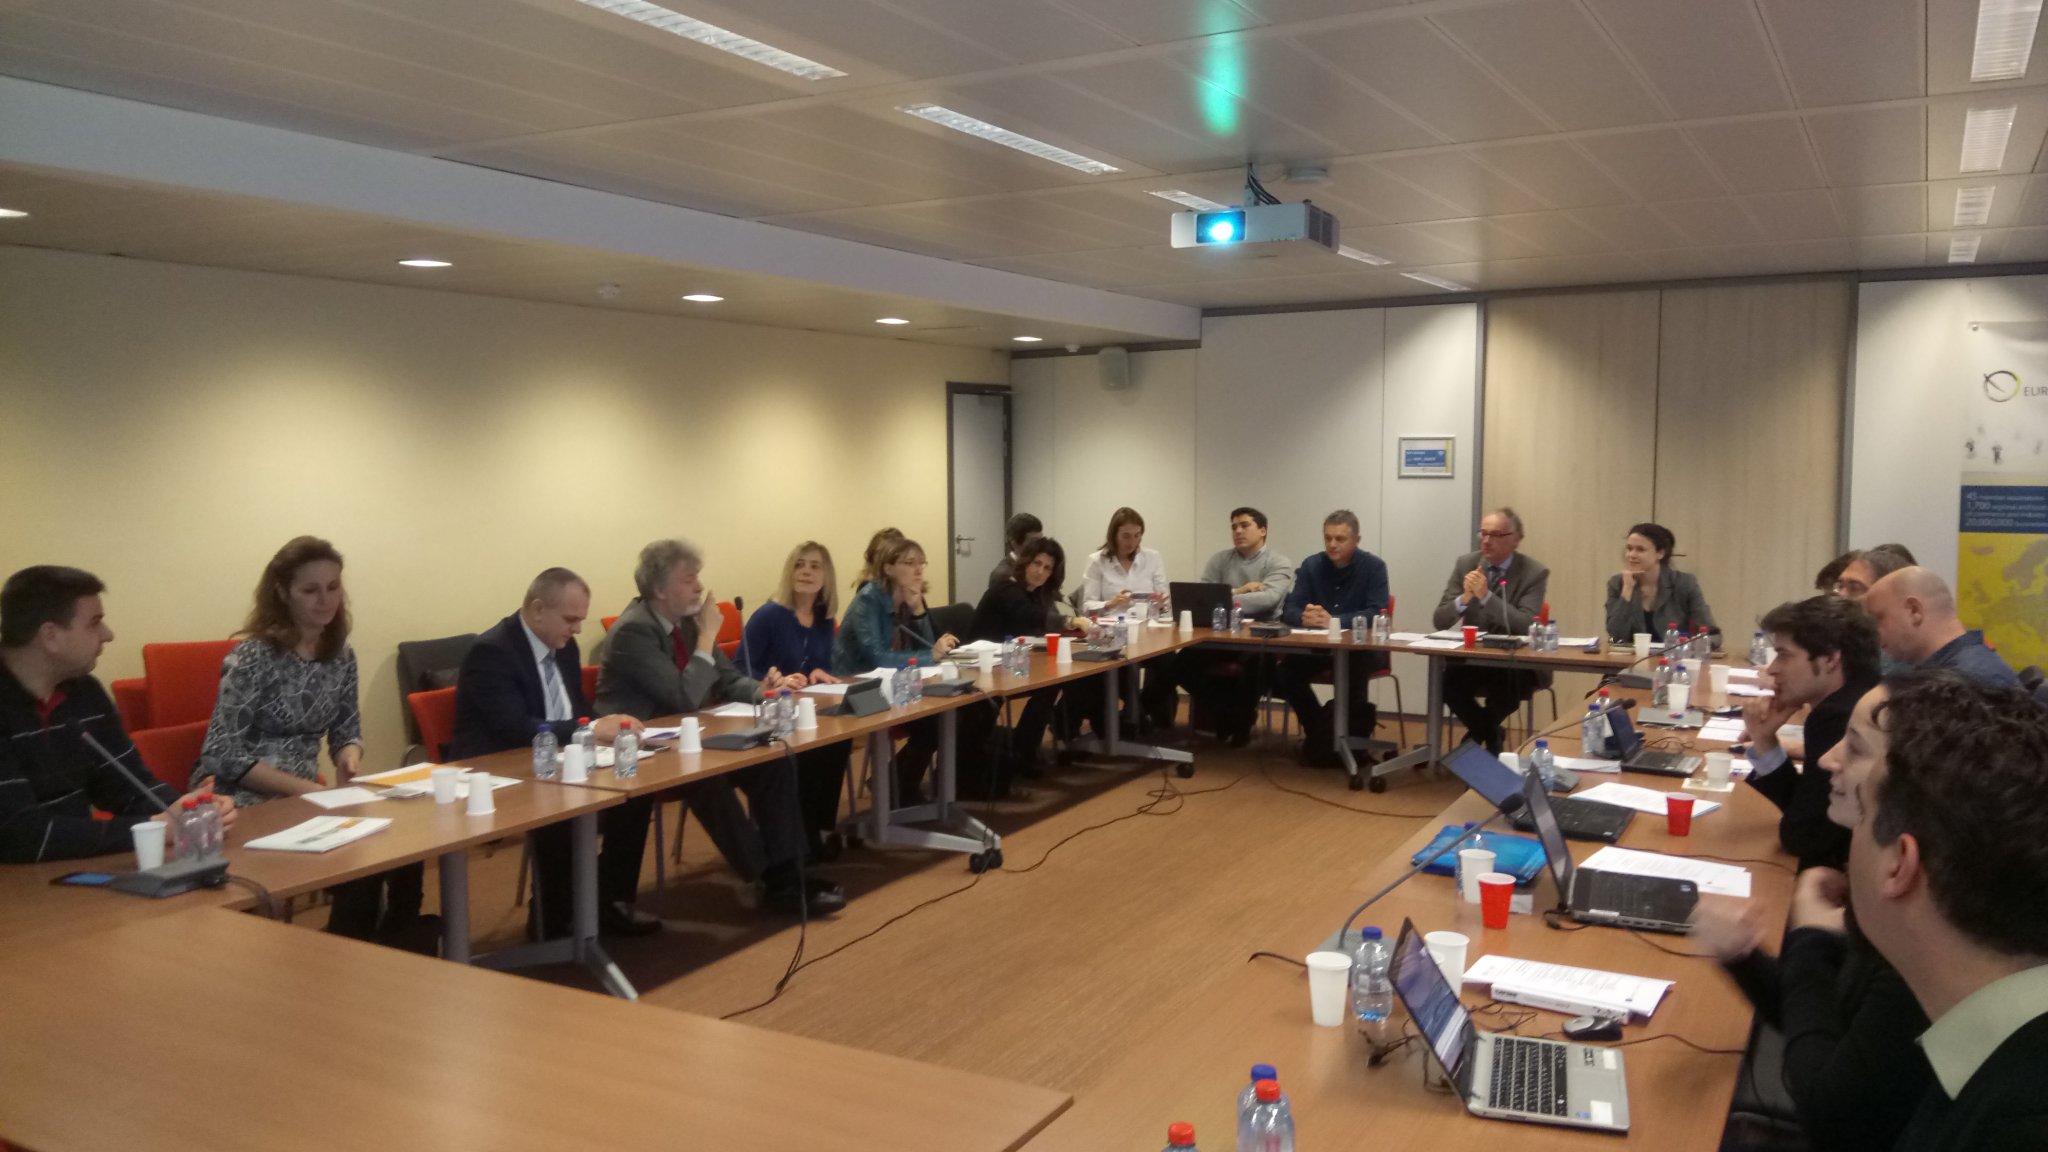 Réunion finale de coordination du projet européen d'efficacité #energie en #PME des #CCI intitulé #STEEEP https://t.co/XoTBH1ENvI https://t.co/O0ypTfzbI7